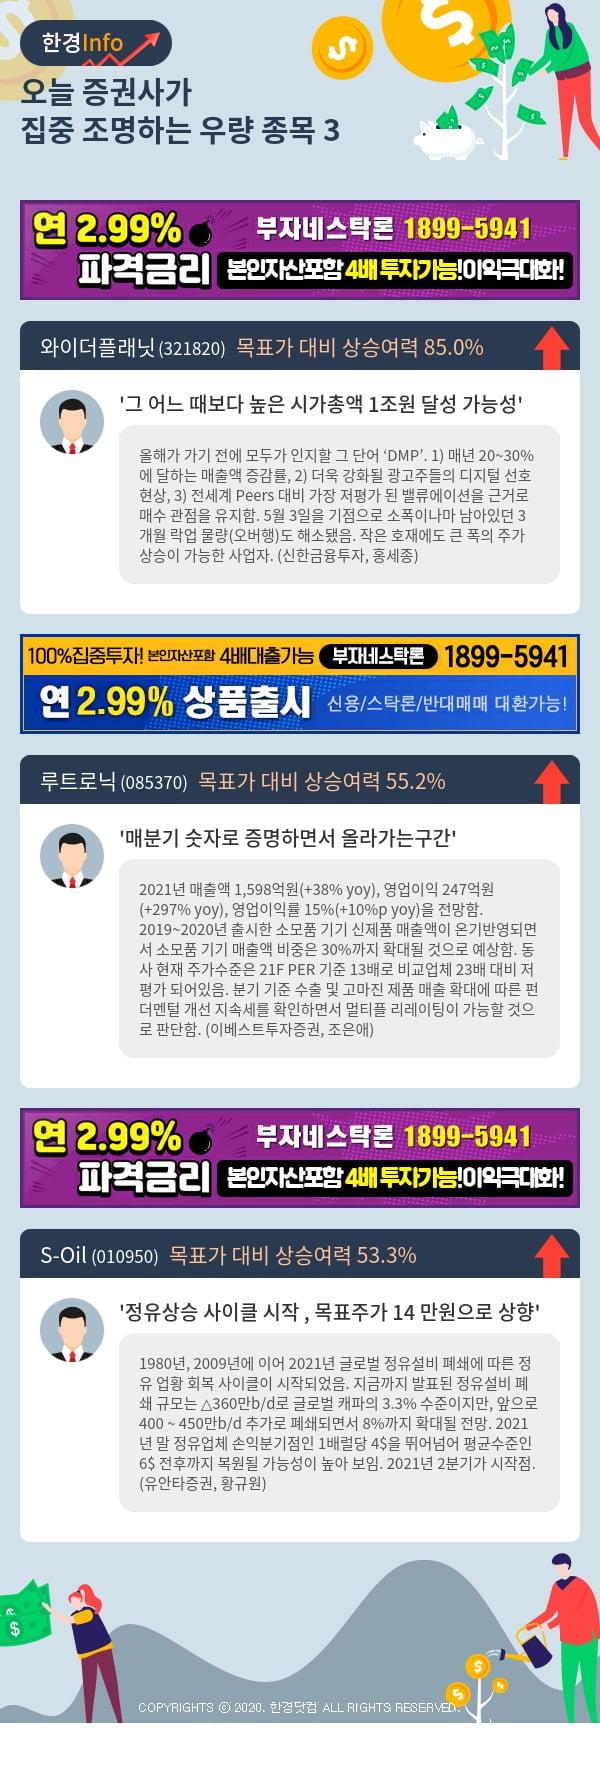 [포커스]오늘 증권사가 집중 조명하는 우량 종목 3